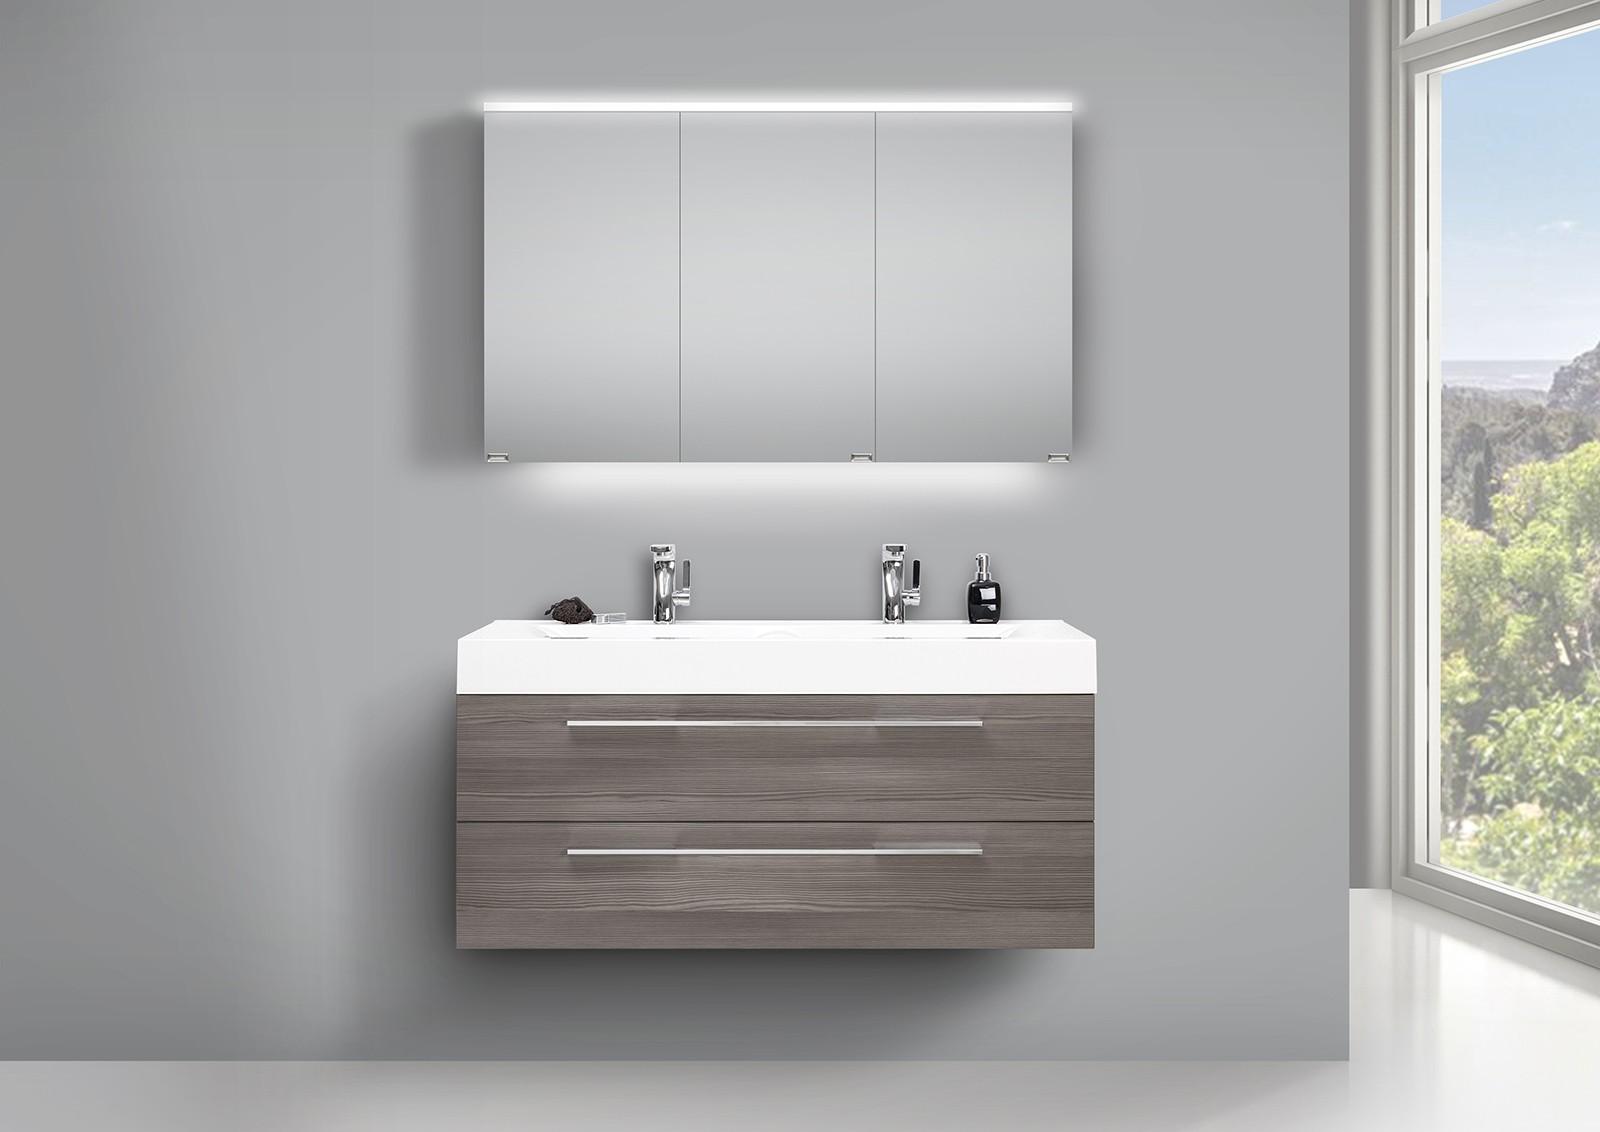 Design doppelwaschtisch badezimmer set mit unterschrank for Doppelwaschtisch set